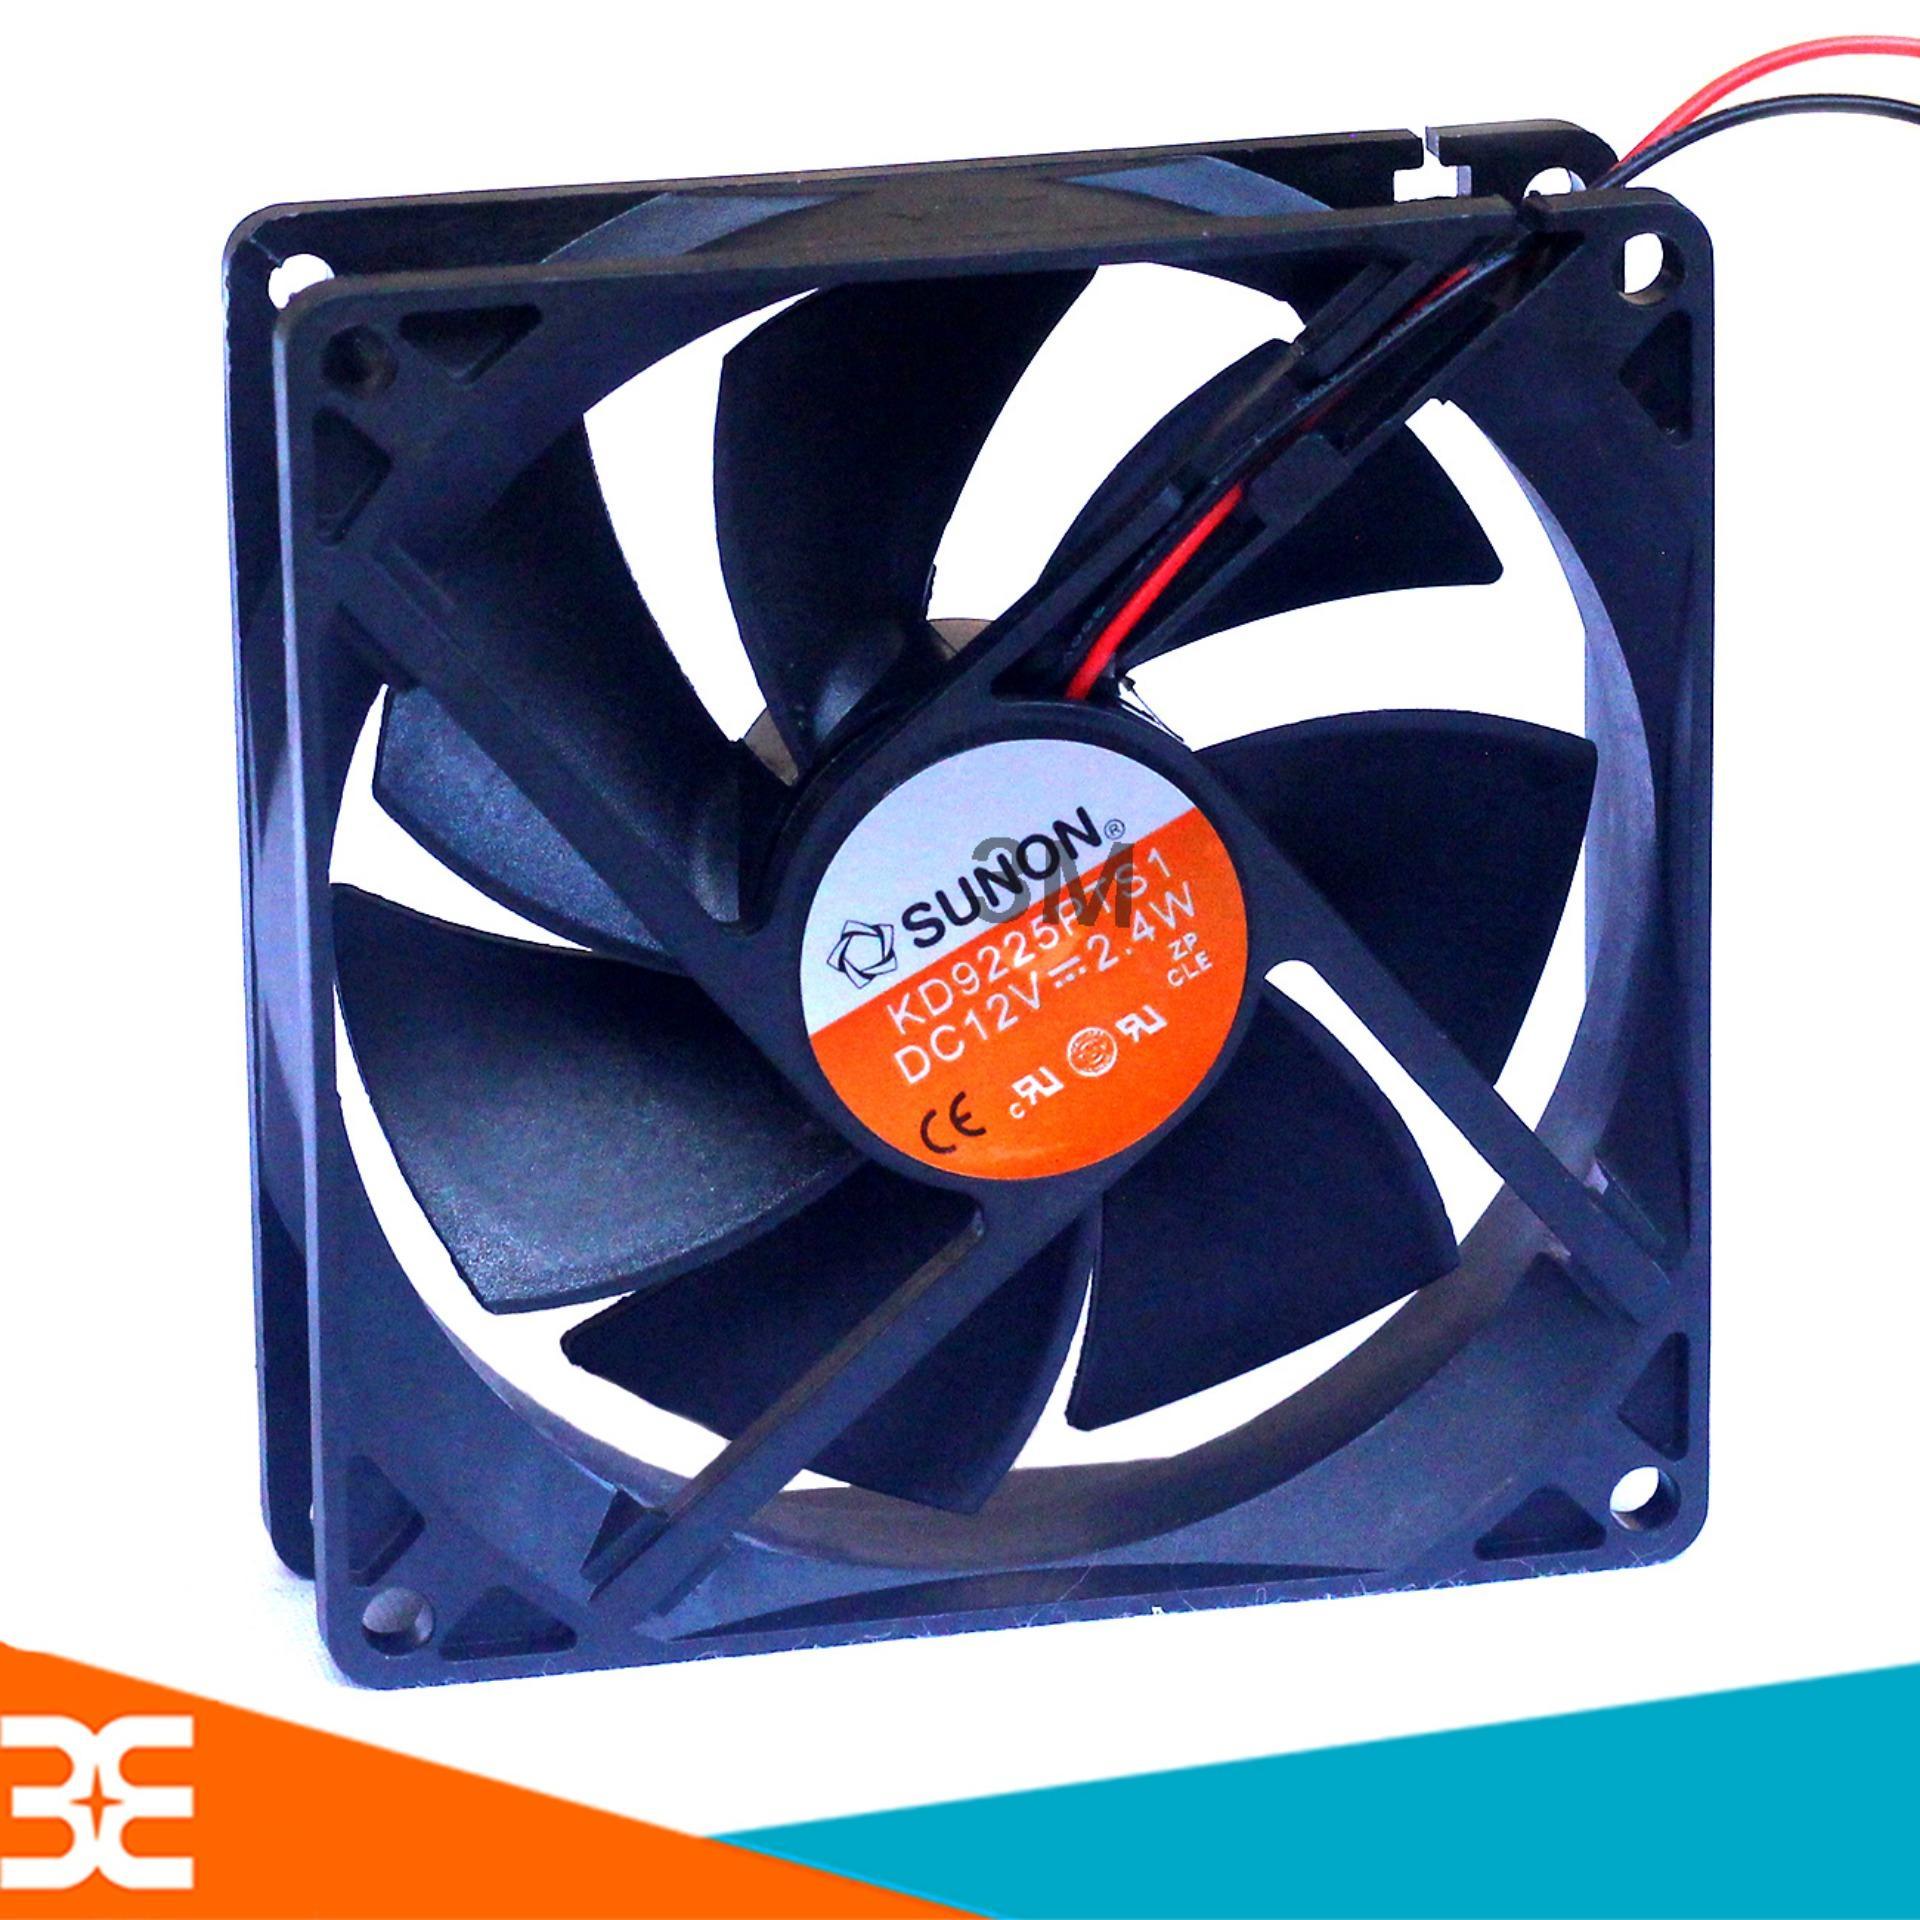 Giá [Tp.HCM] Quạt tản nhiệt đa năng SUNON công suất 2.6W giá rẻ 9x9x2.5cm